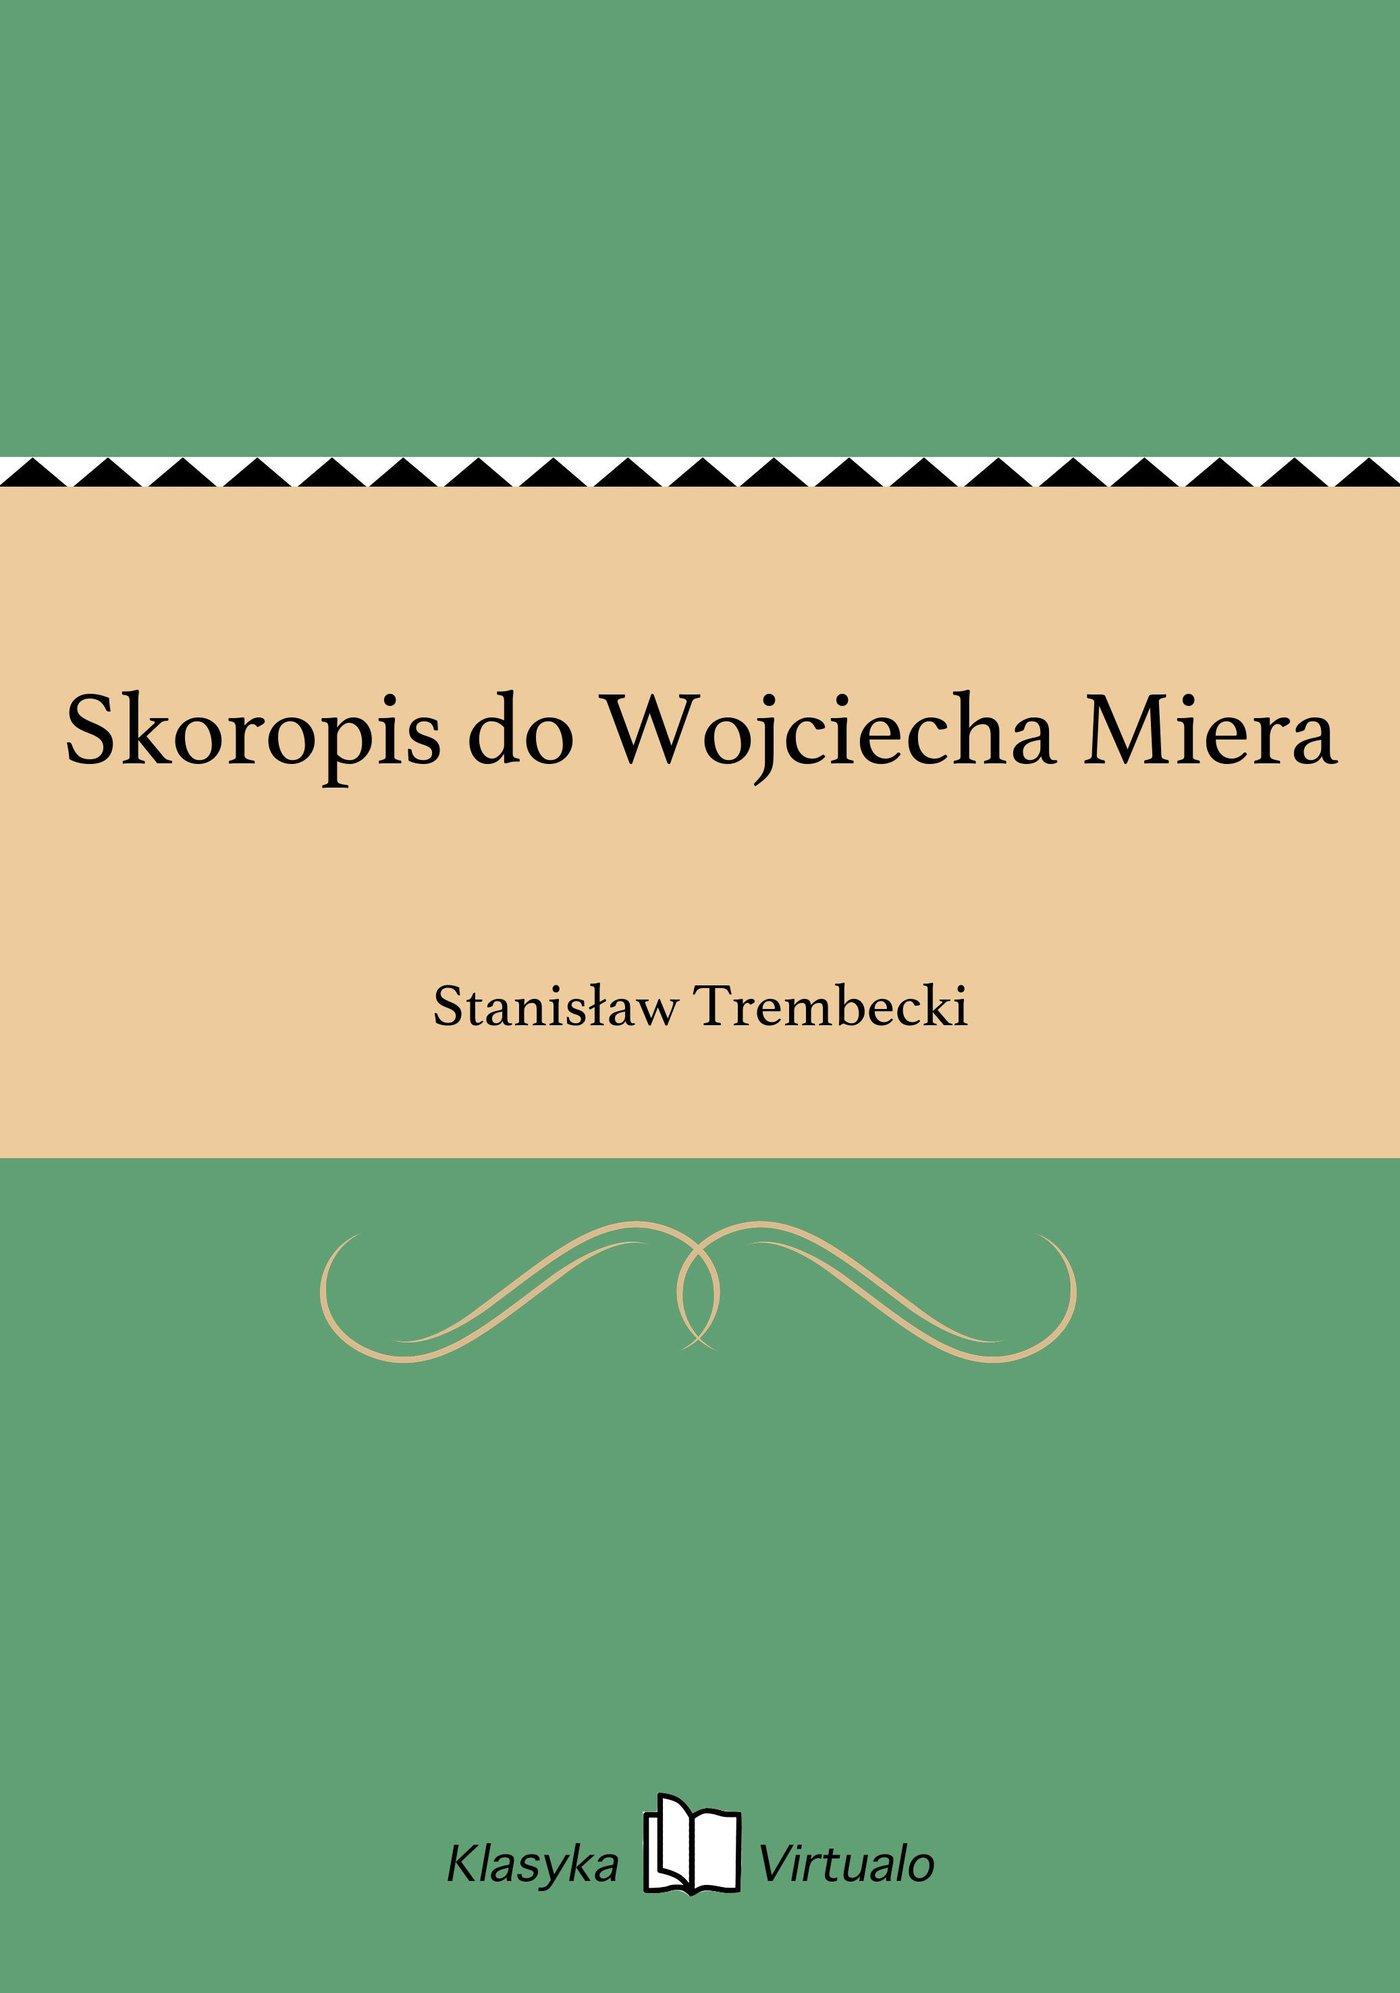 Skoropis do Wojciecha Miera - Ebook (Książka EPUB) do pobrania w formacie EPUB